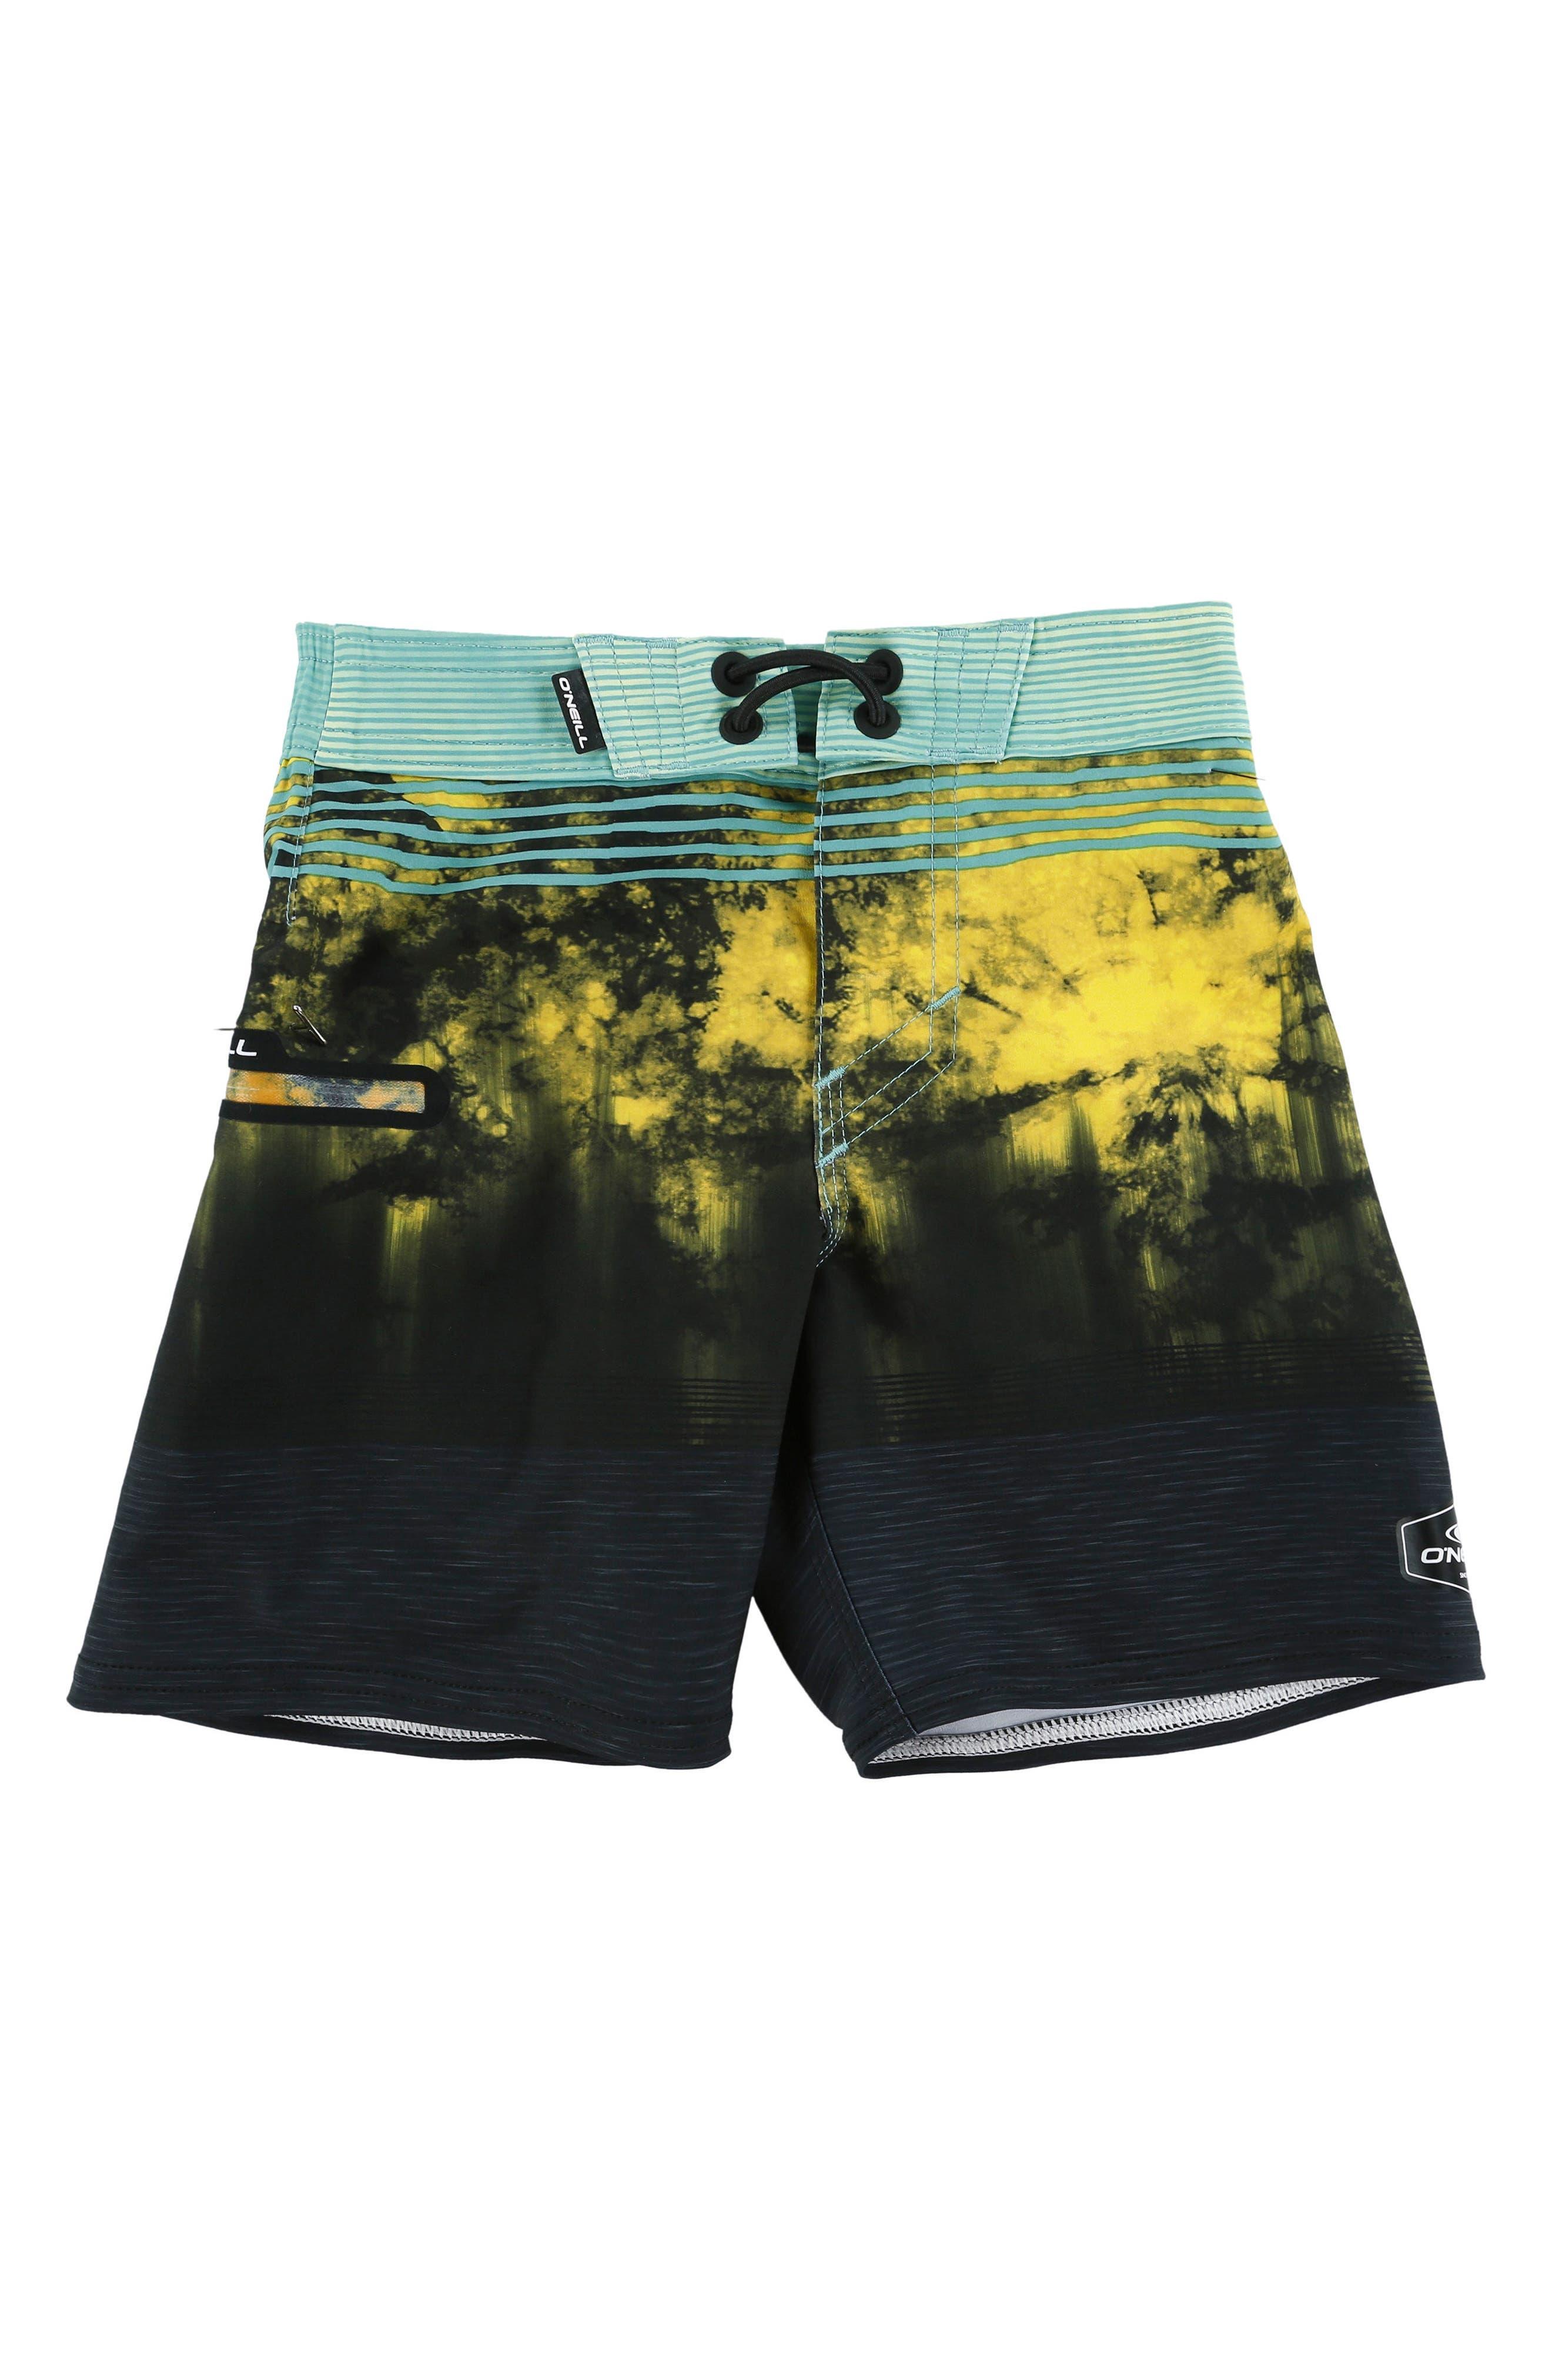 Hyperfreak Board Shorts,                             Main thumbnail 1, color,                             Aqua